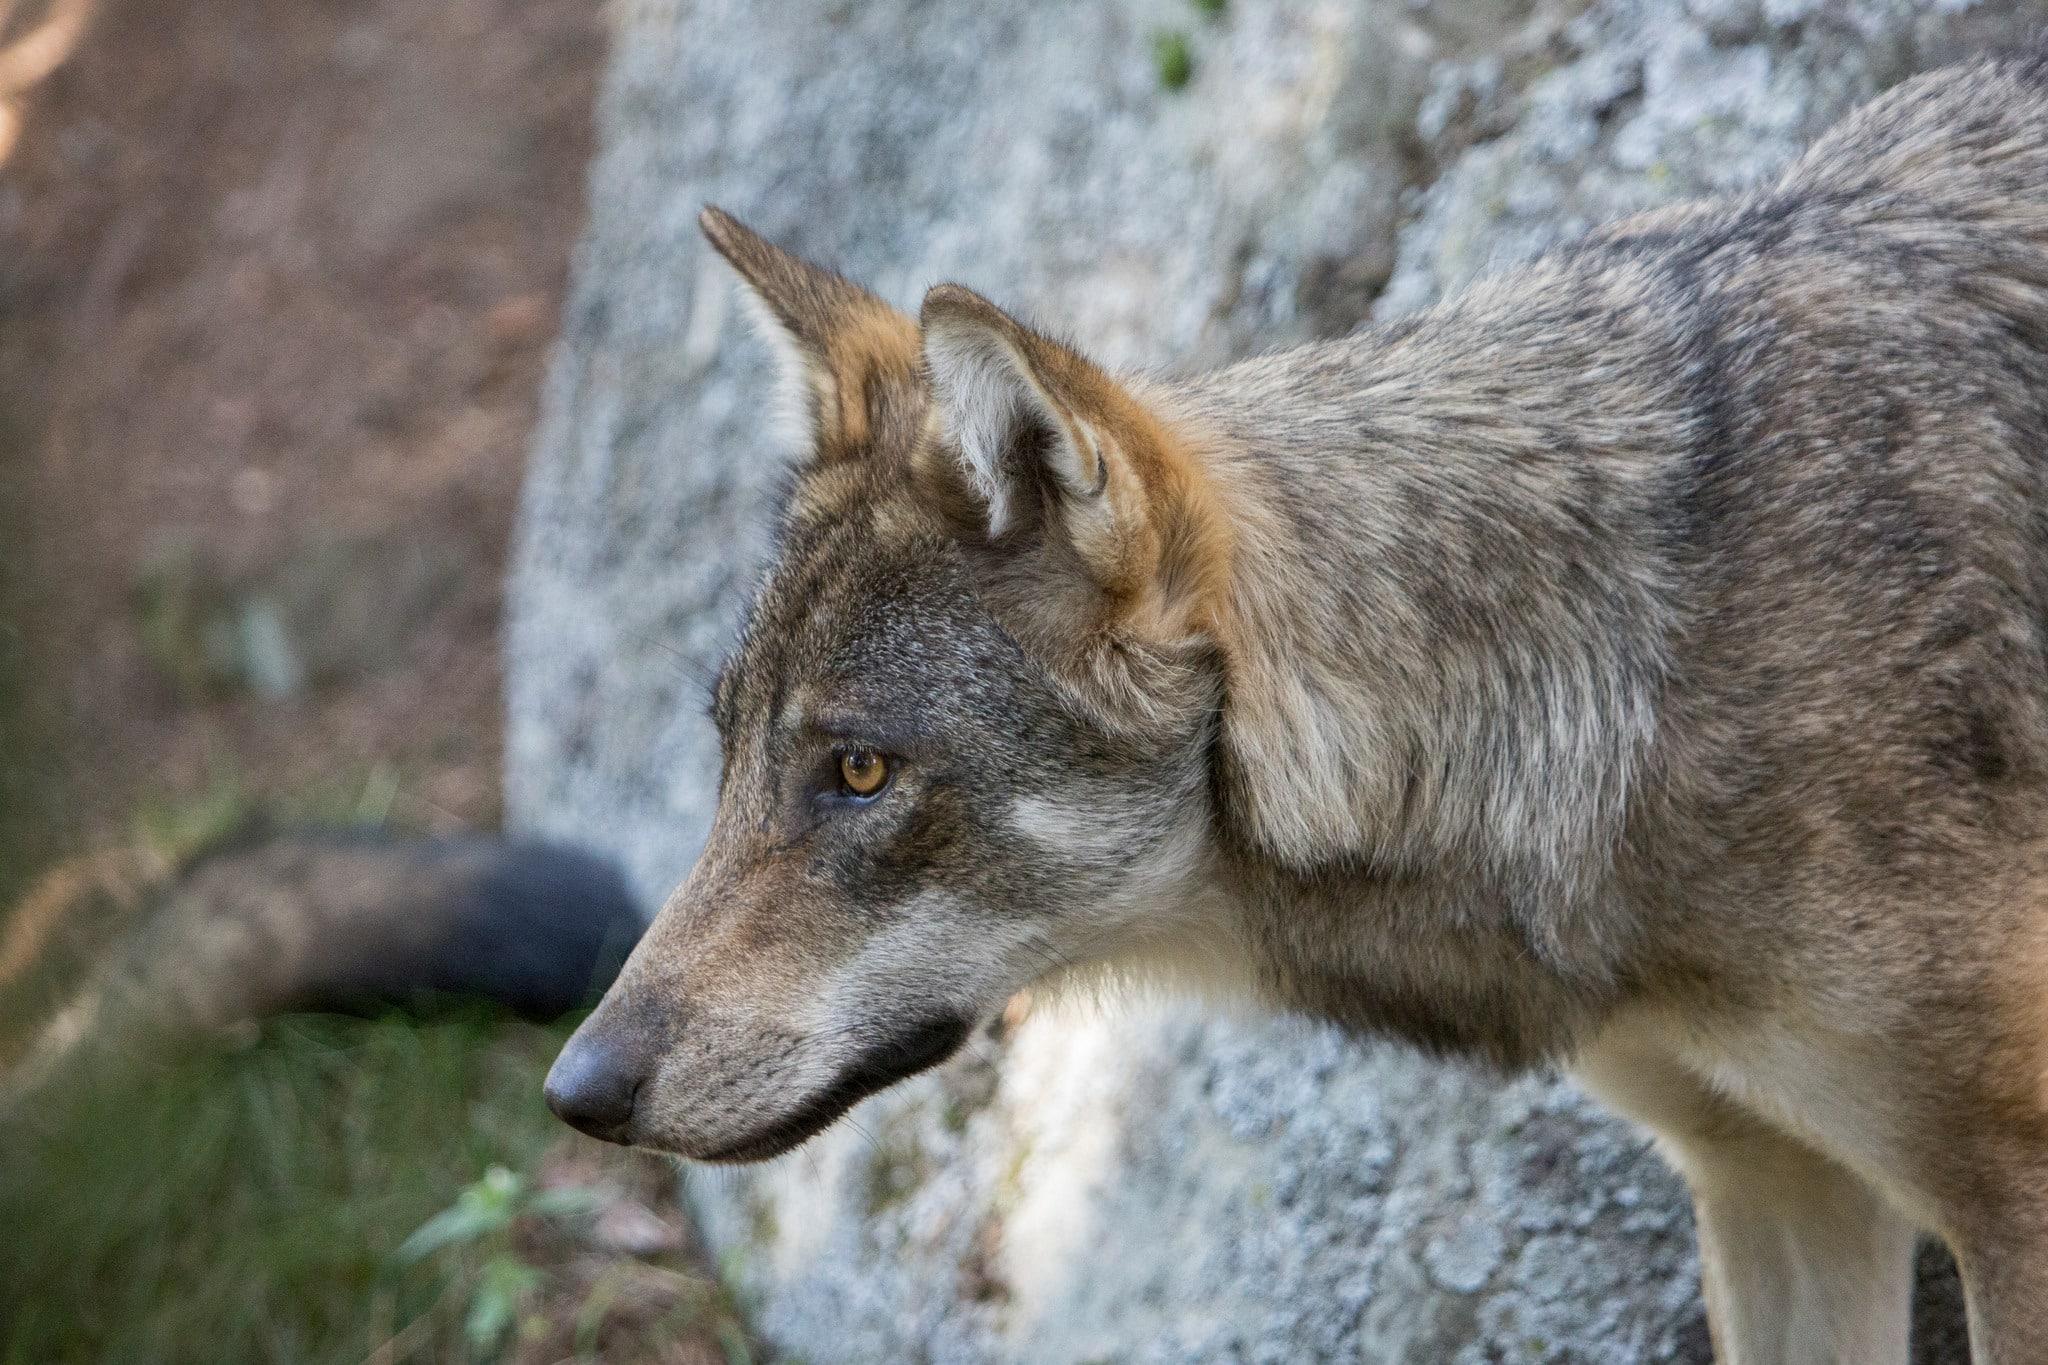 Länsstyrelsen i Gävleborg har fått in två ansökningar om skyddsjakt på den varg som nyligen dödade en sällskapshund utanför Järbo i Gästrikland. Foto (i hägn): Olle Olsson